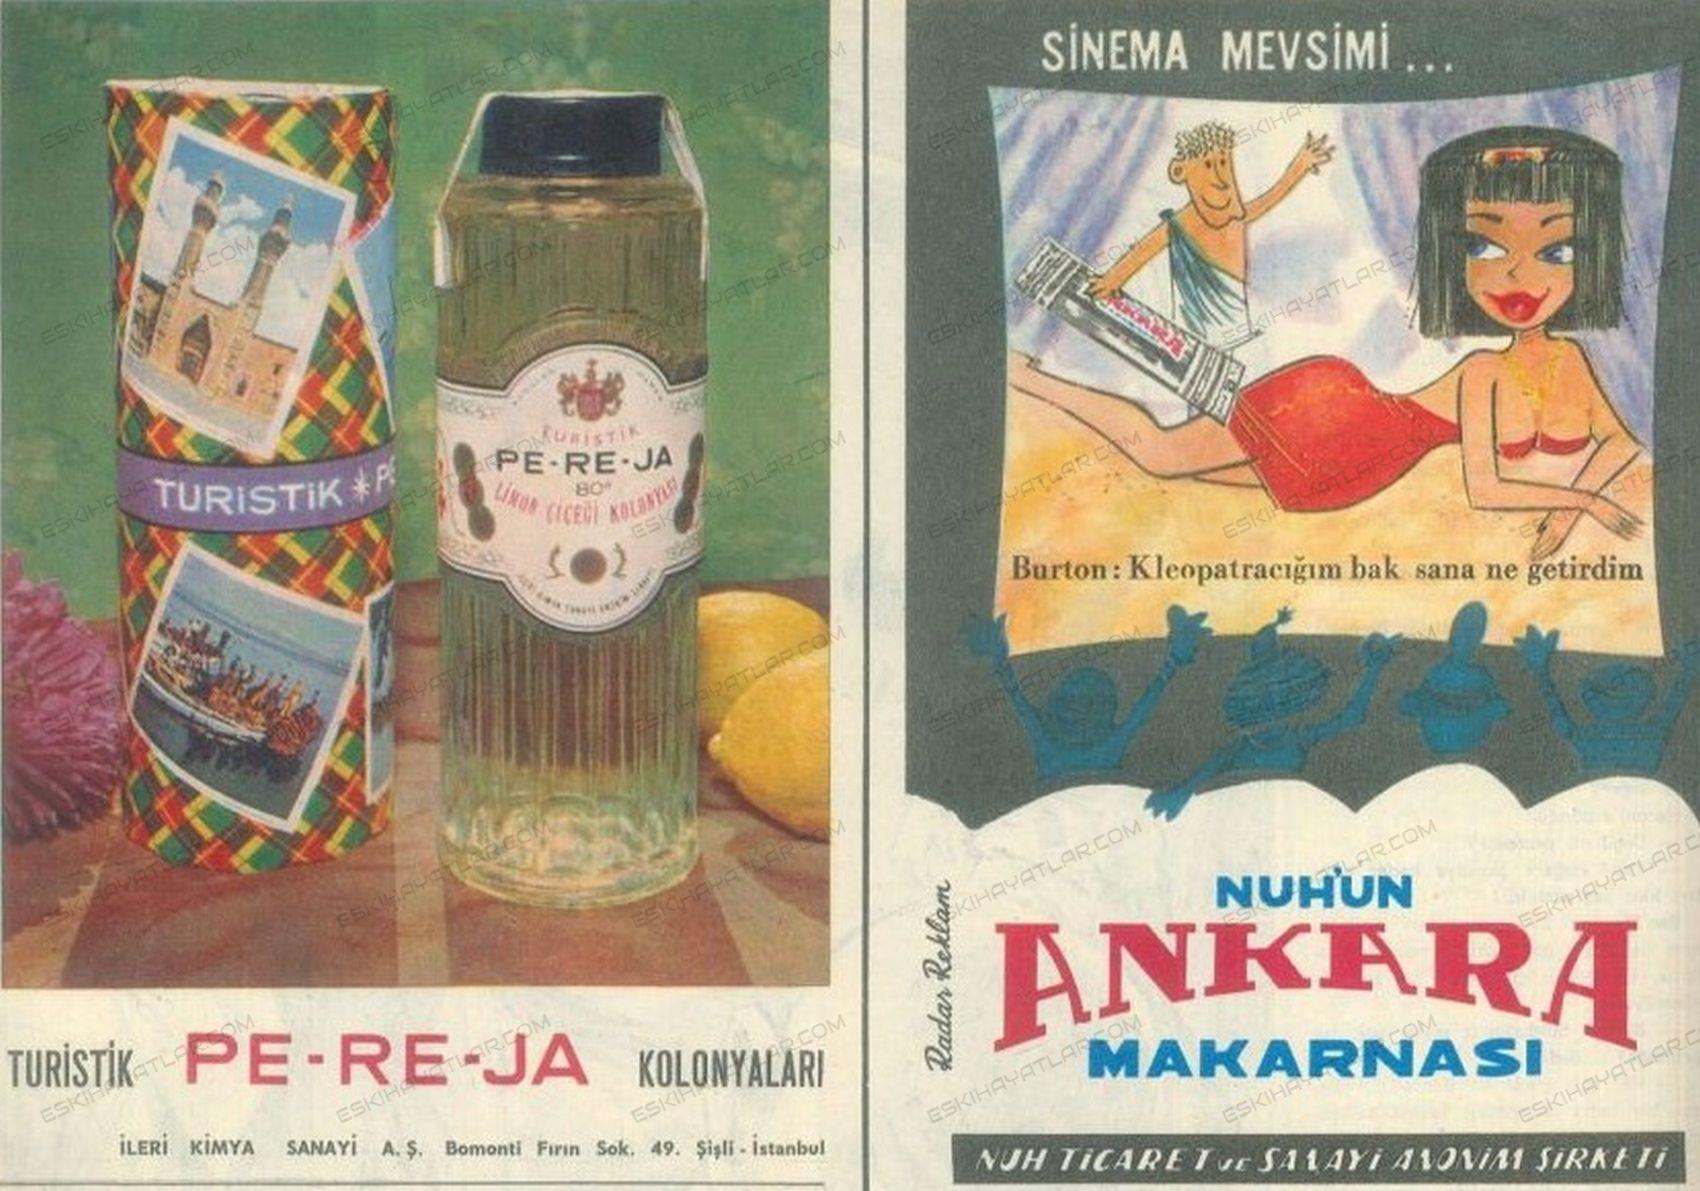 0344-pereja-kolonyalari-1965-yilinda-kolonya-markalari-nurun-ankara-makarnasi-altmislarda-makarna-reklamlari